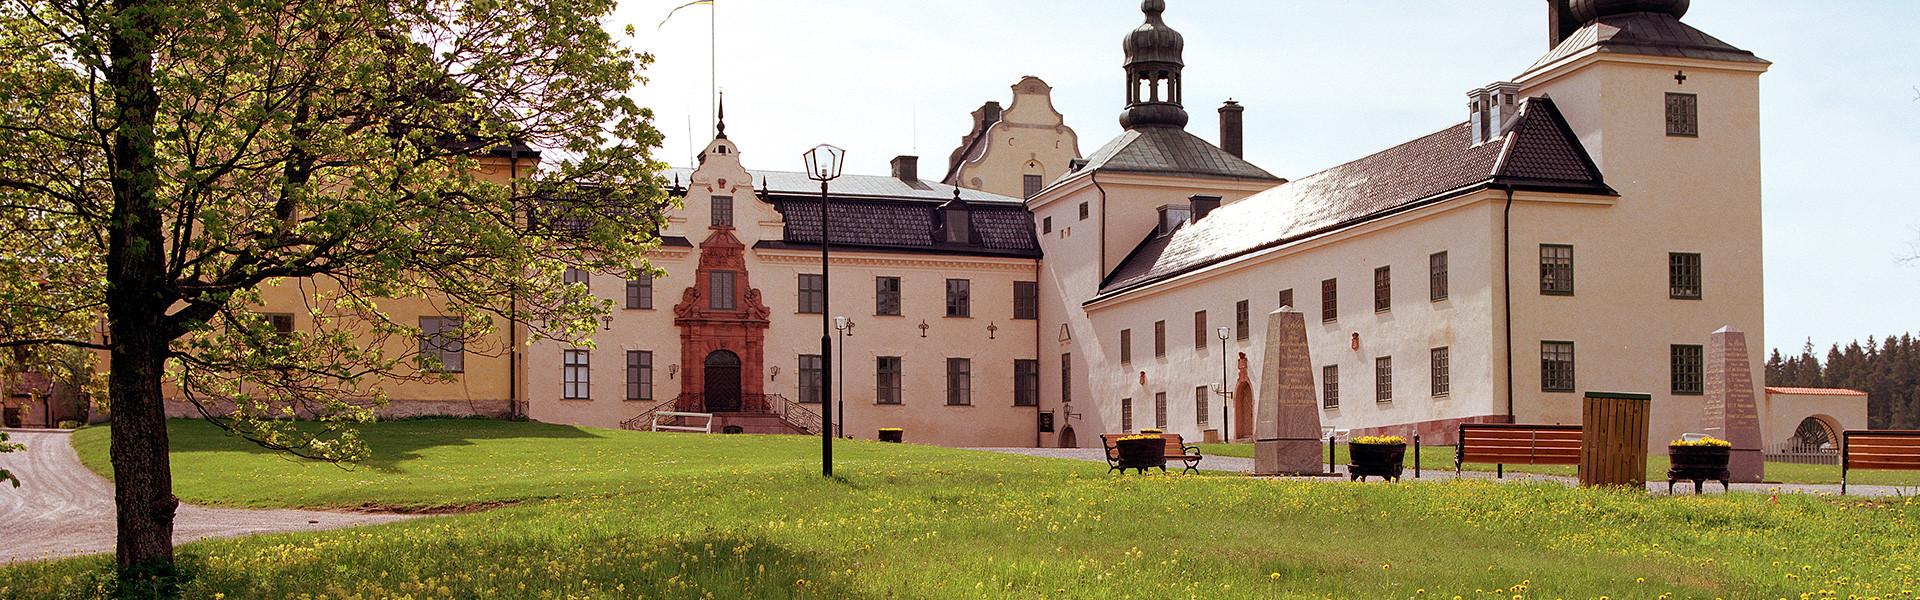 Tyresö slott från framsidan.